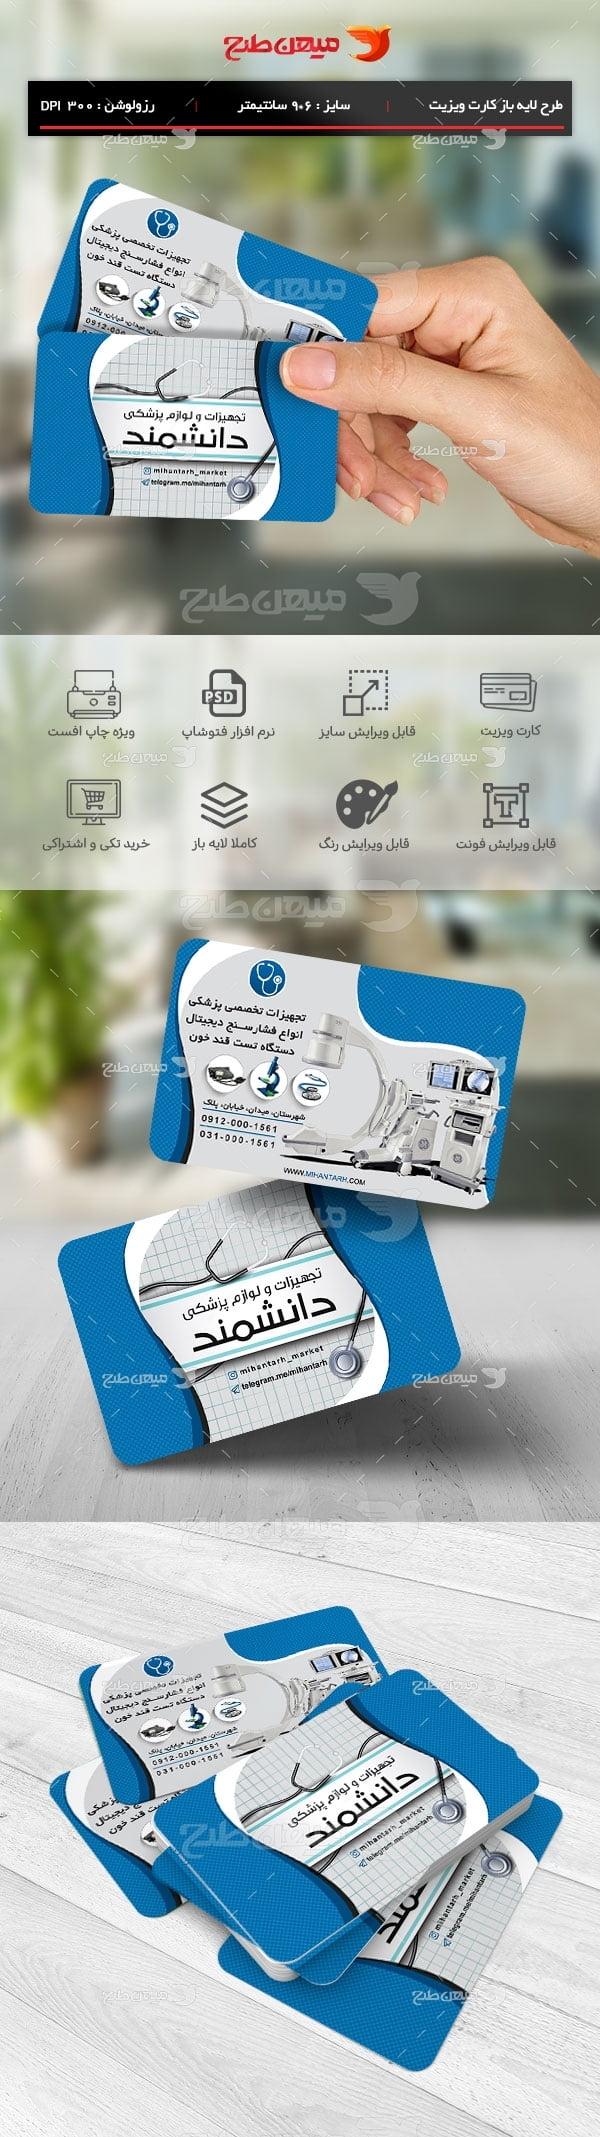 طرح لایه باز کارت ویزیت تجهیزات و لوازم پزشکی دانشمند